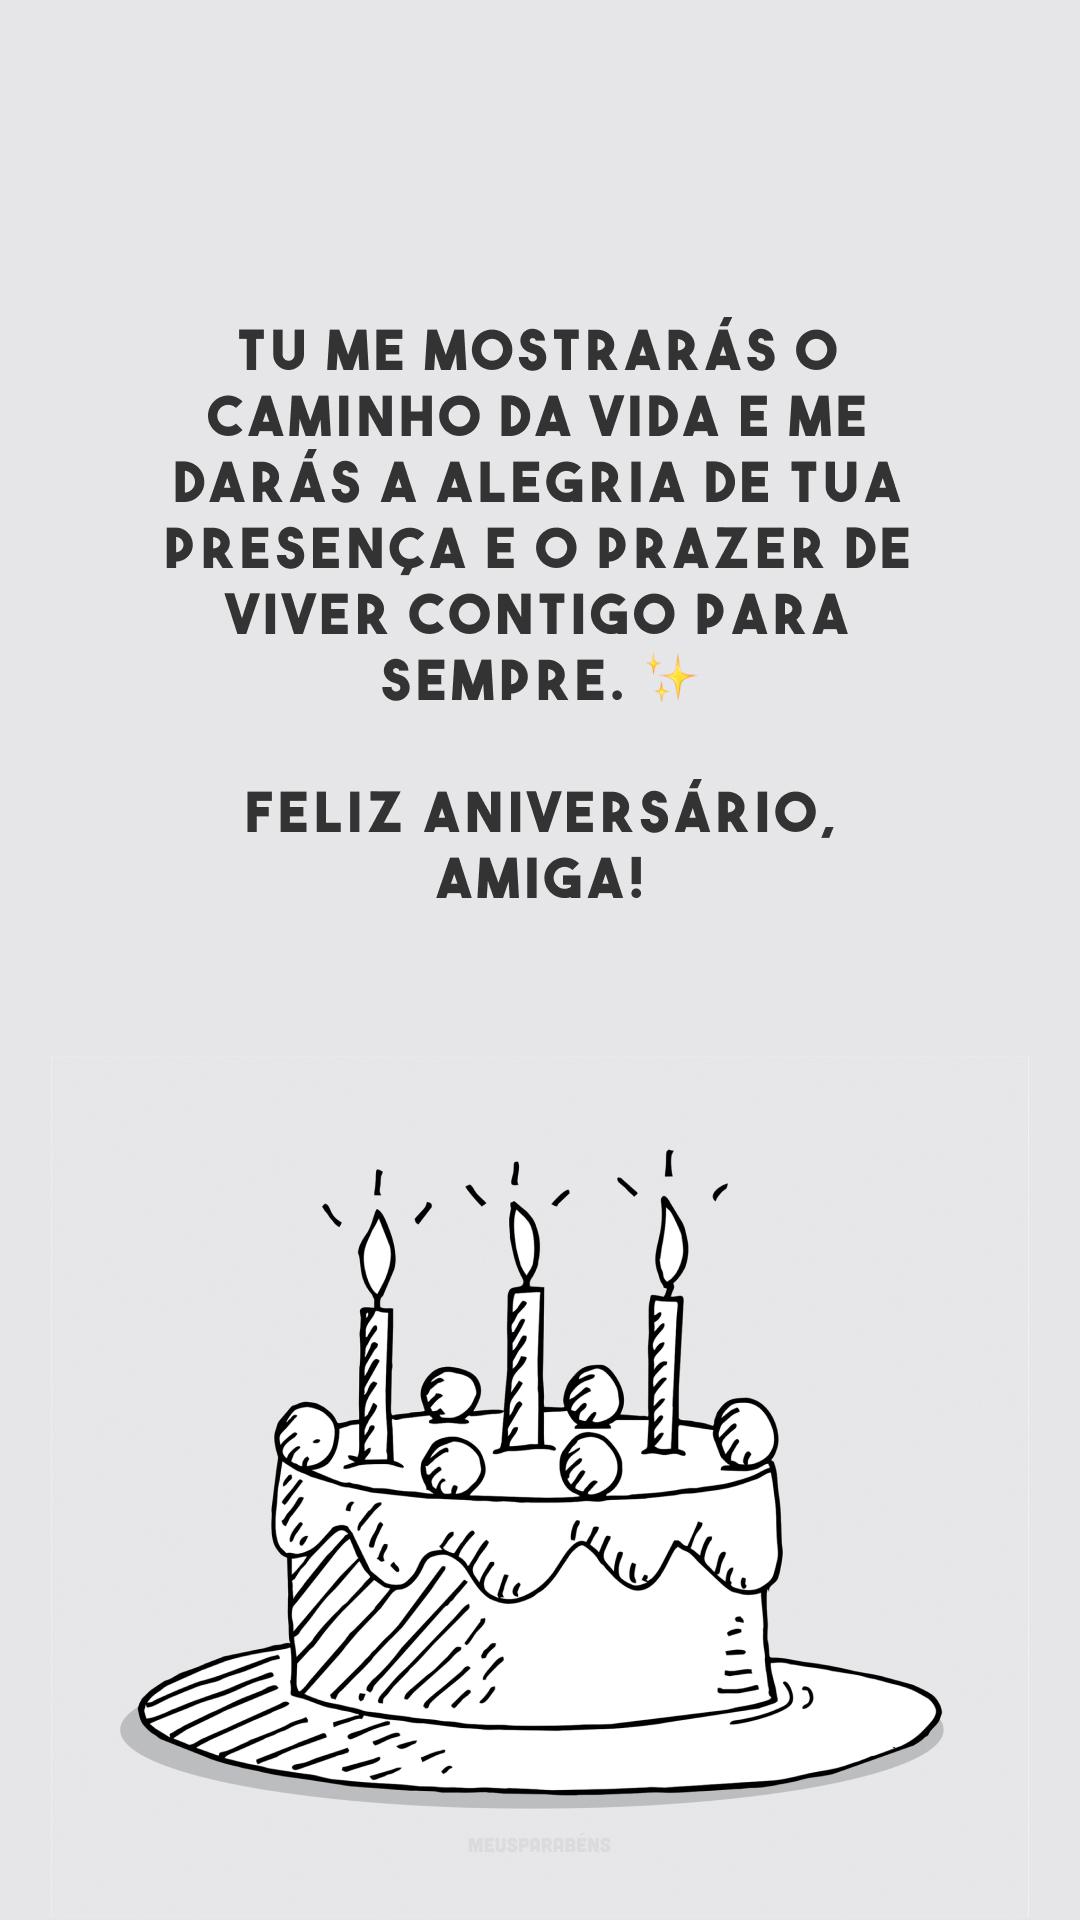 Tu me mostrarás o caminho da vida e me darás a alegria de tua presença e o prazer de viver contigo para sempre. ✨ Feliz aniversário, amiga!